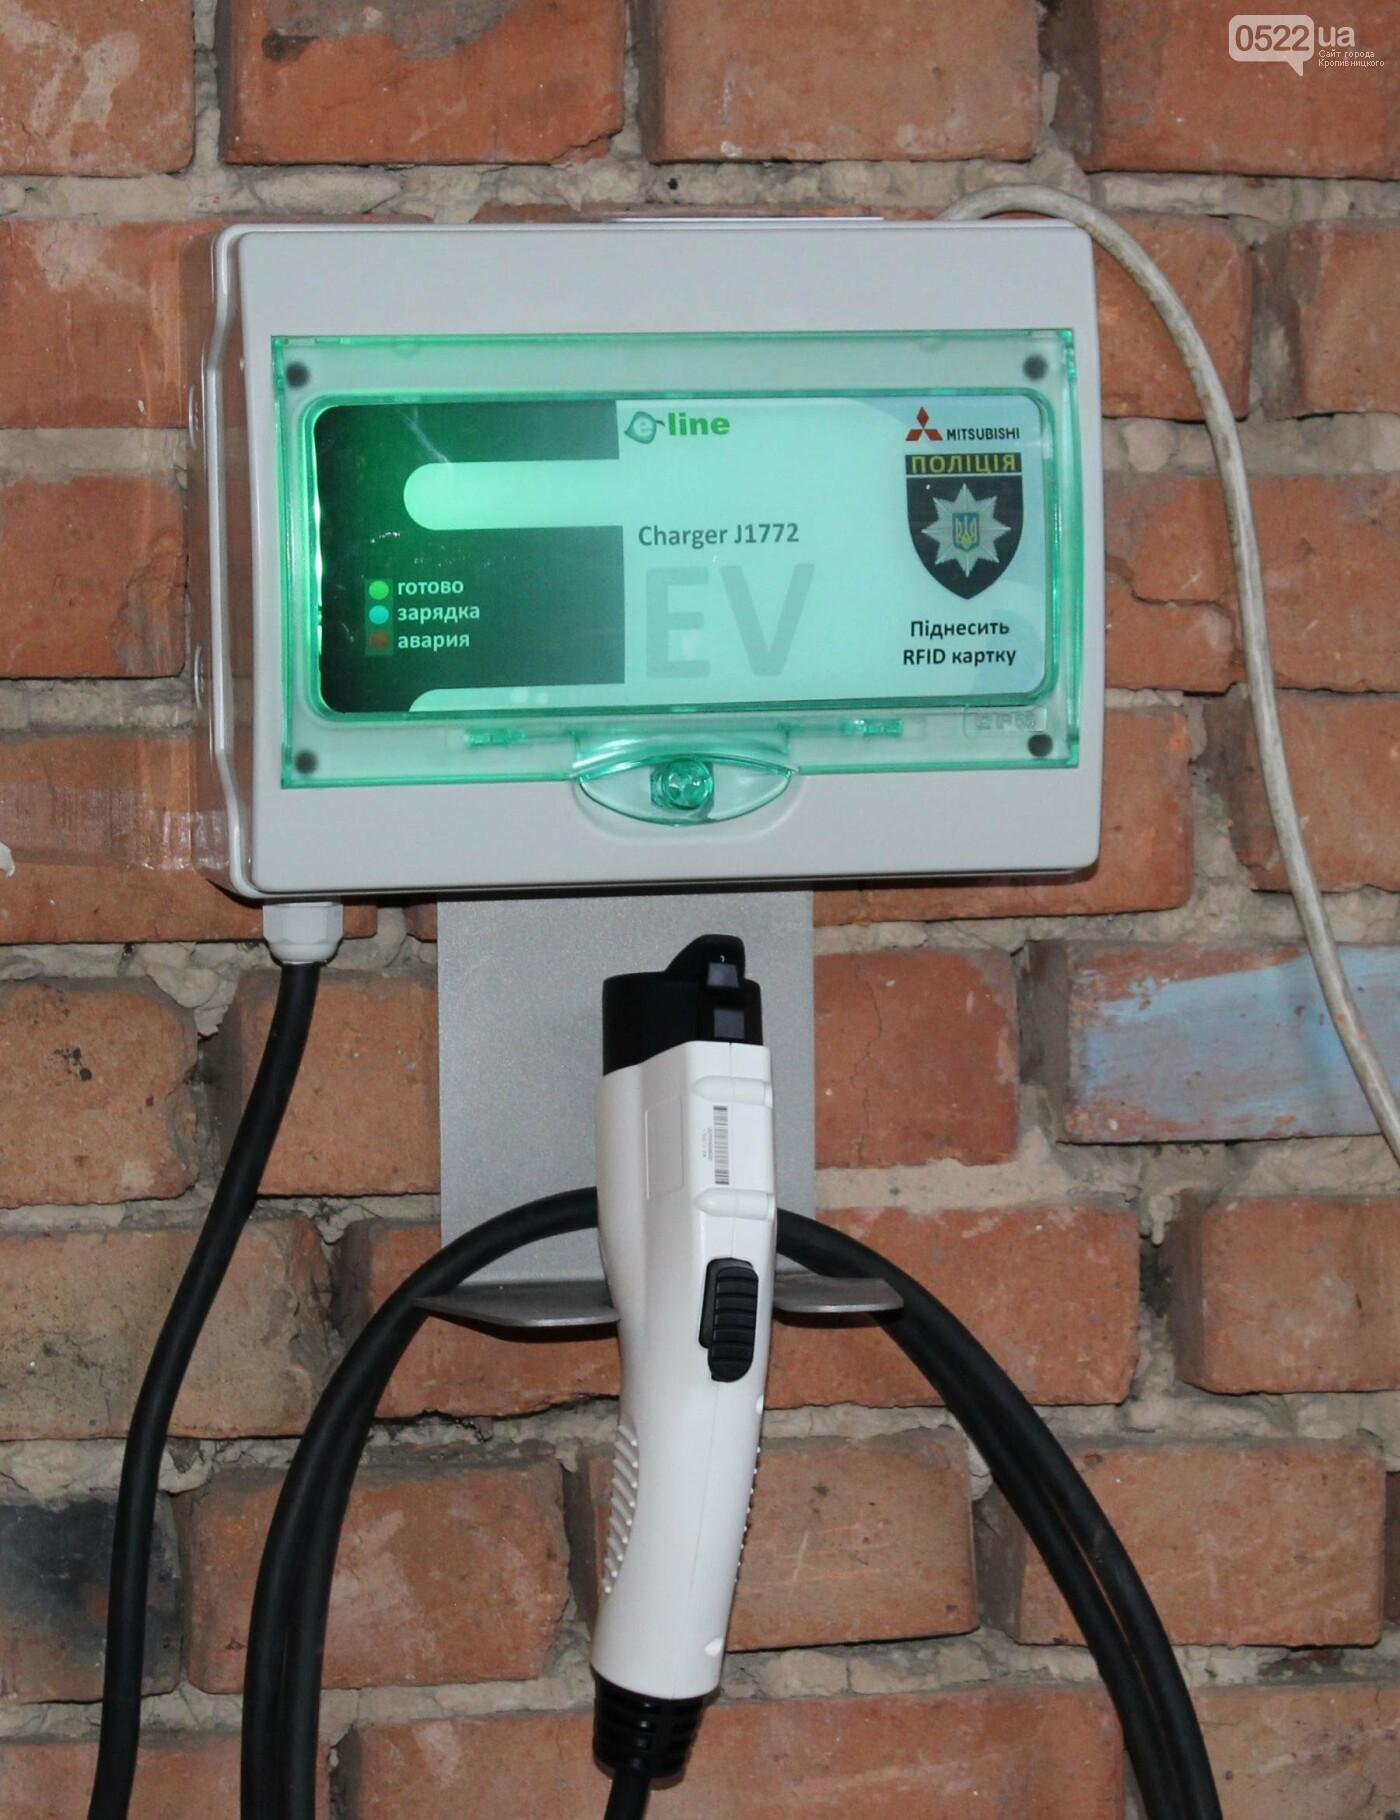 Поліцейські Кіровоградщини одні з перших в Україні провели тендер та закупили пристрої для пришвидшеної зарядки автомобілів (ФОТО, ВИДЕО), фото-3